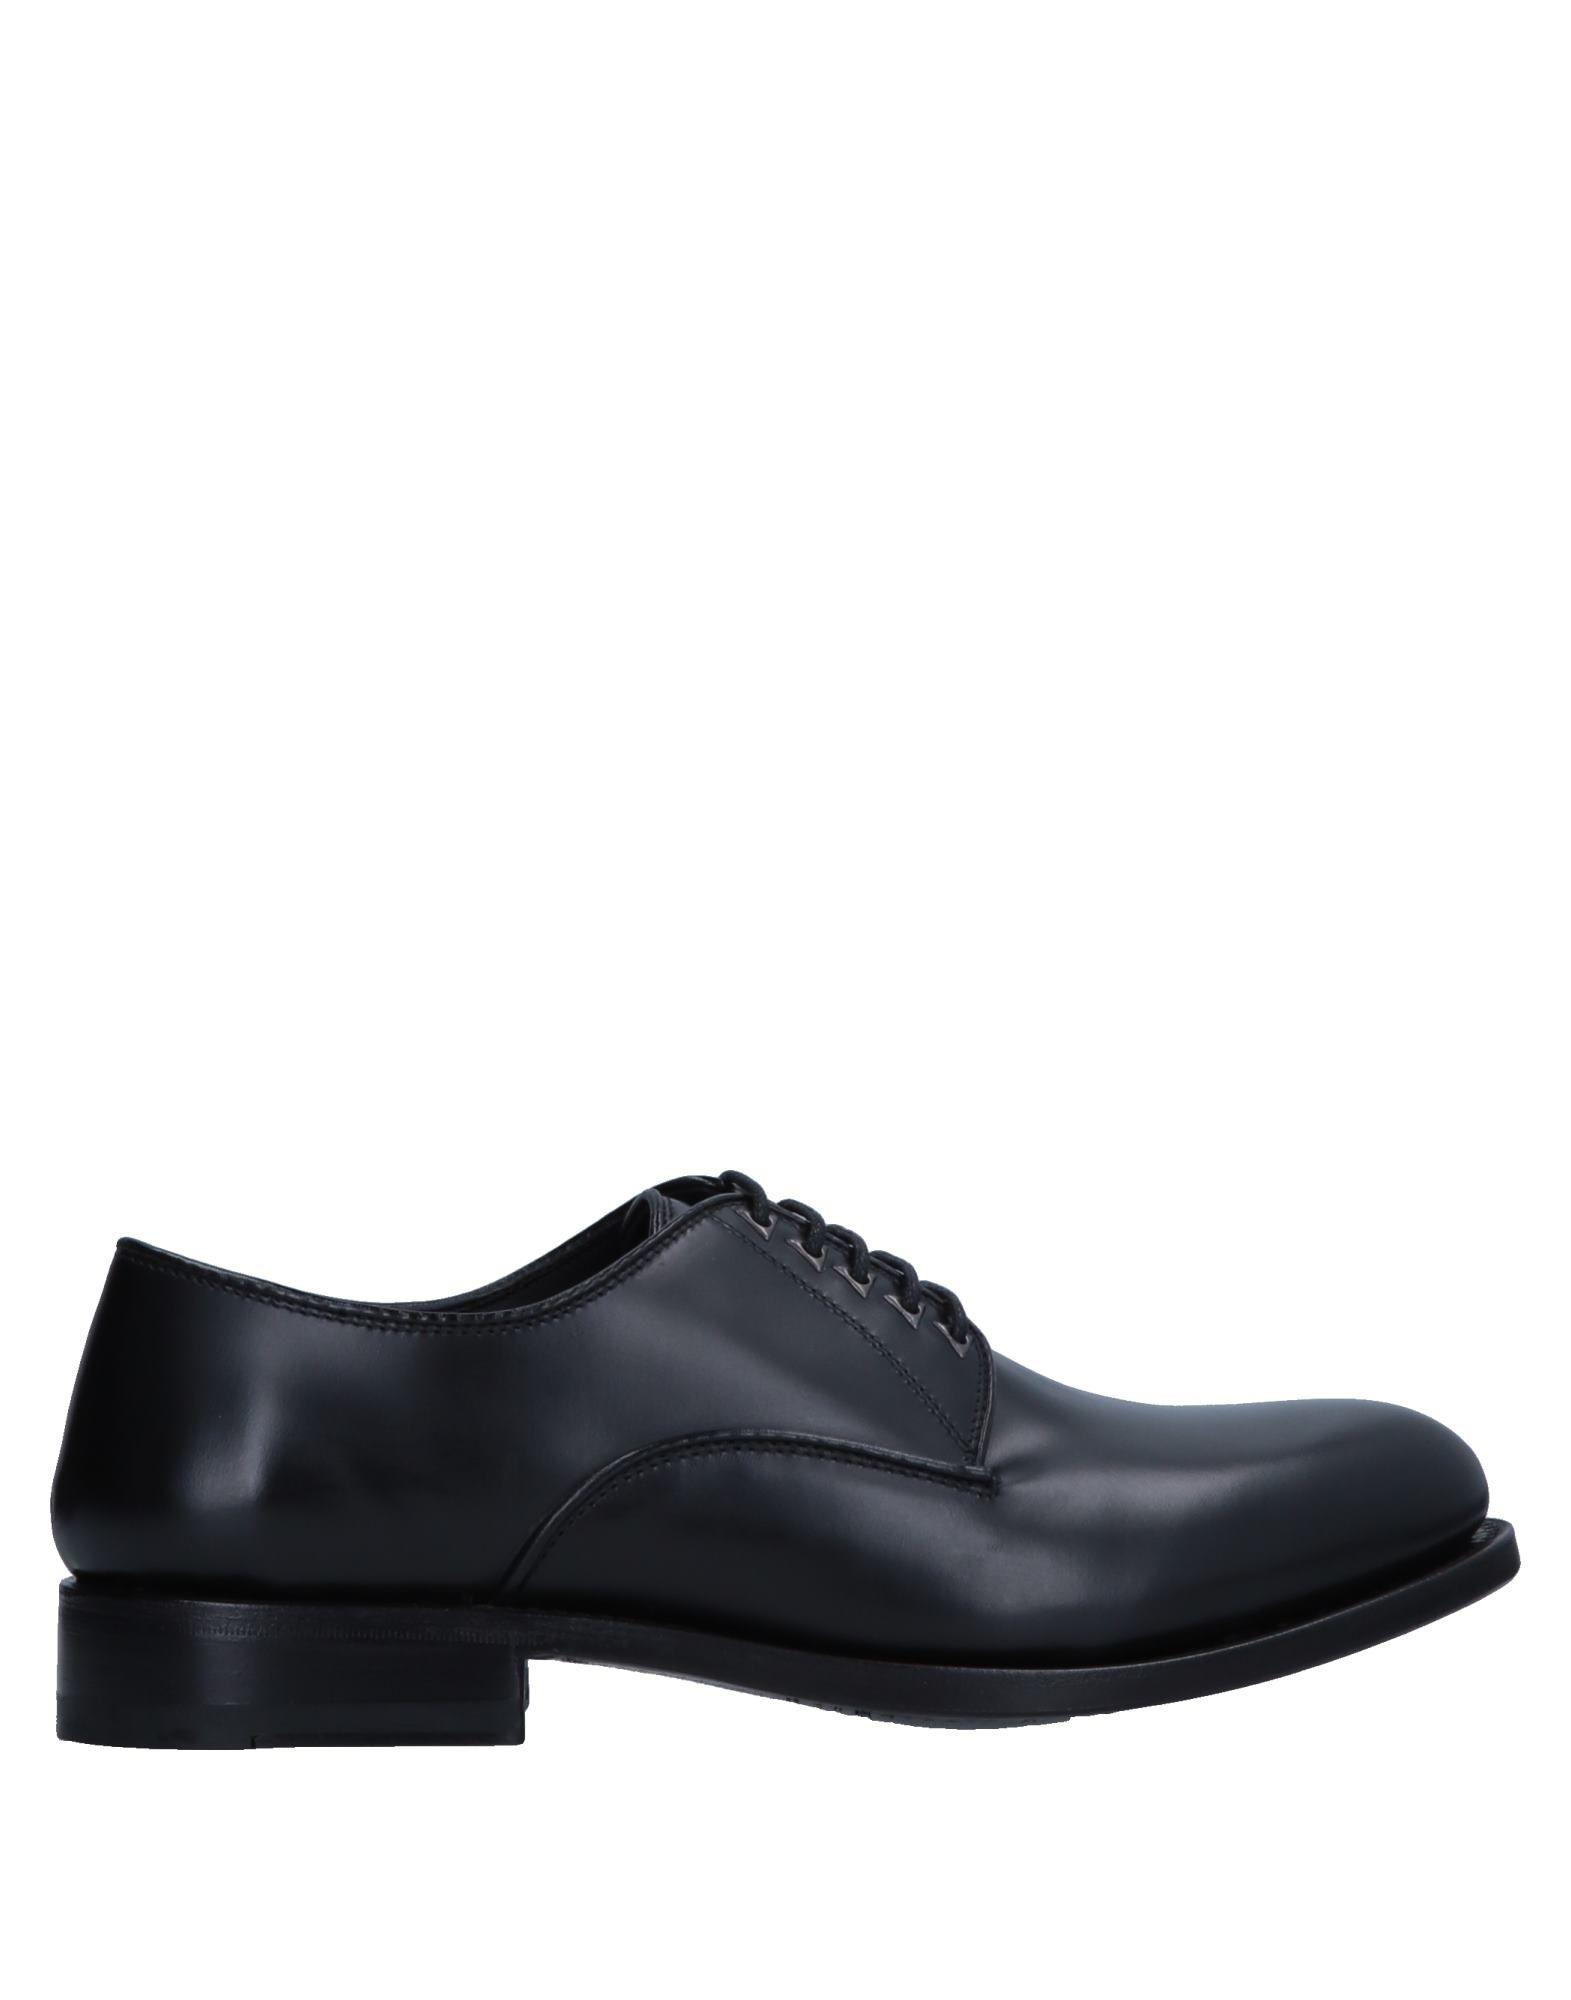 Фото - ALAÏA Обувь на шнурках обувь на высокой платформе dkny